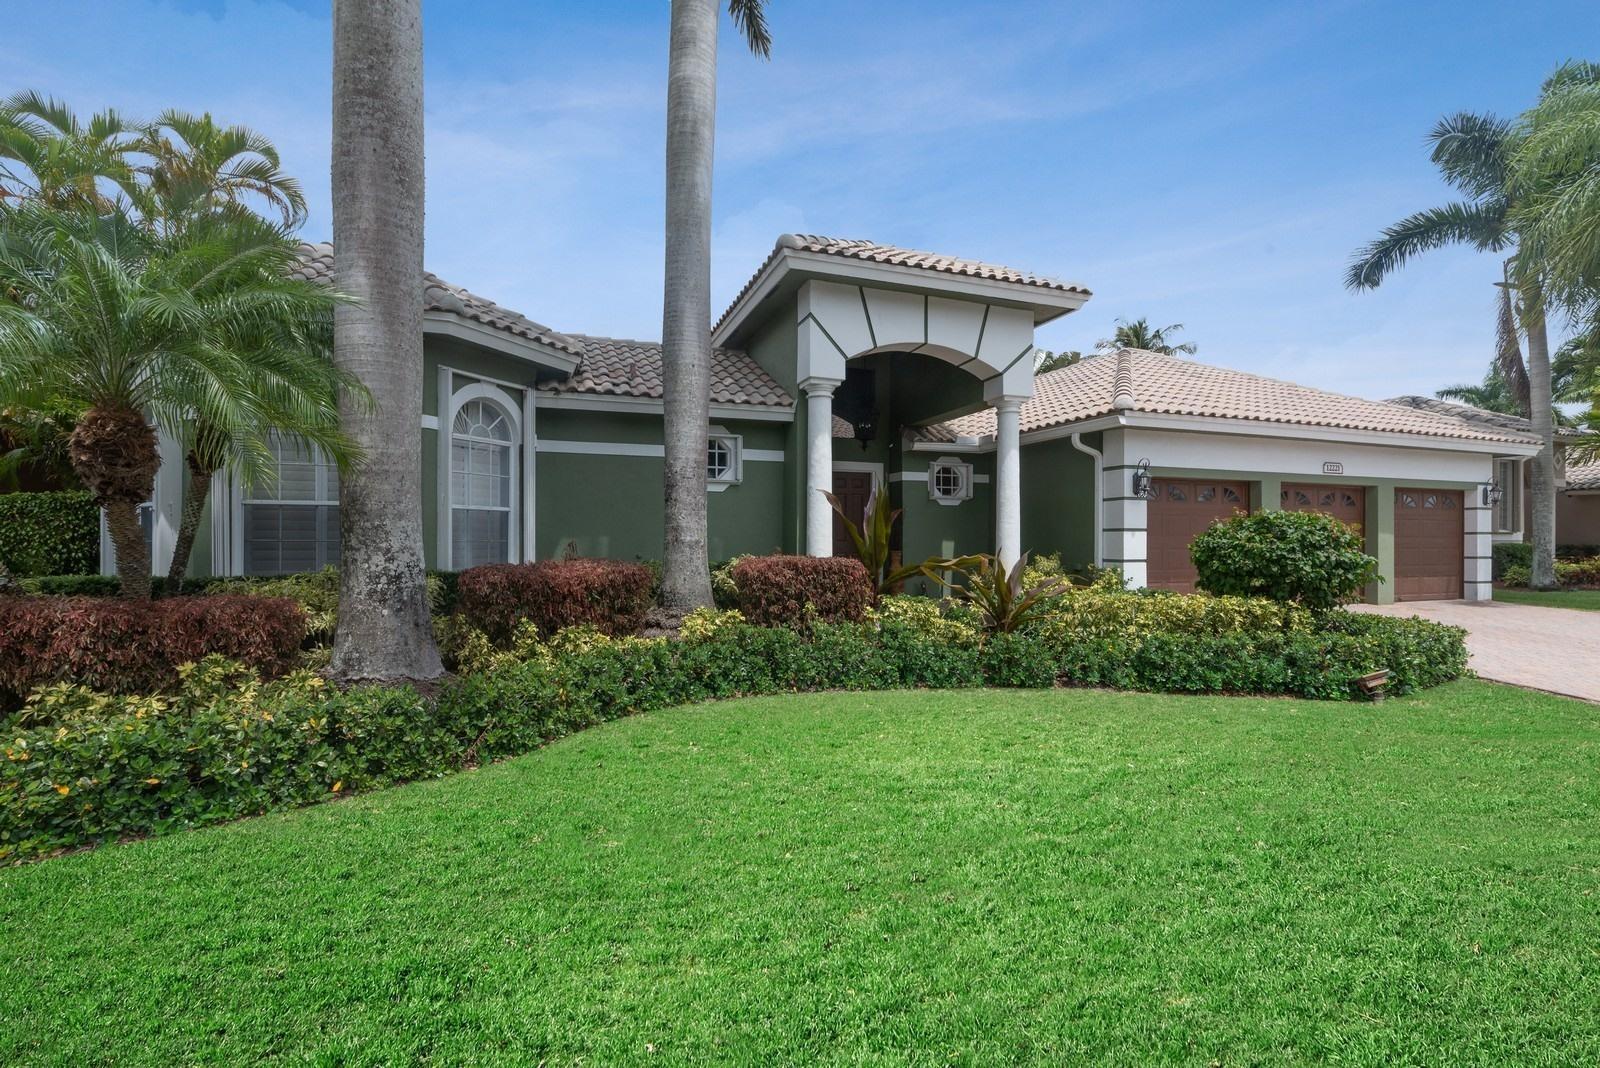 Photo of 12221 Kenton Way, Boca Raton, FL 33428